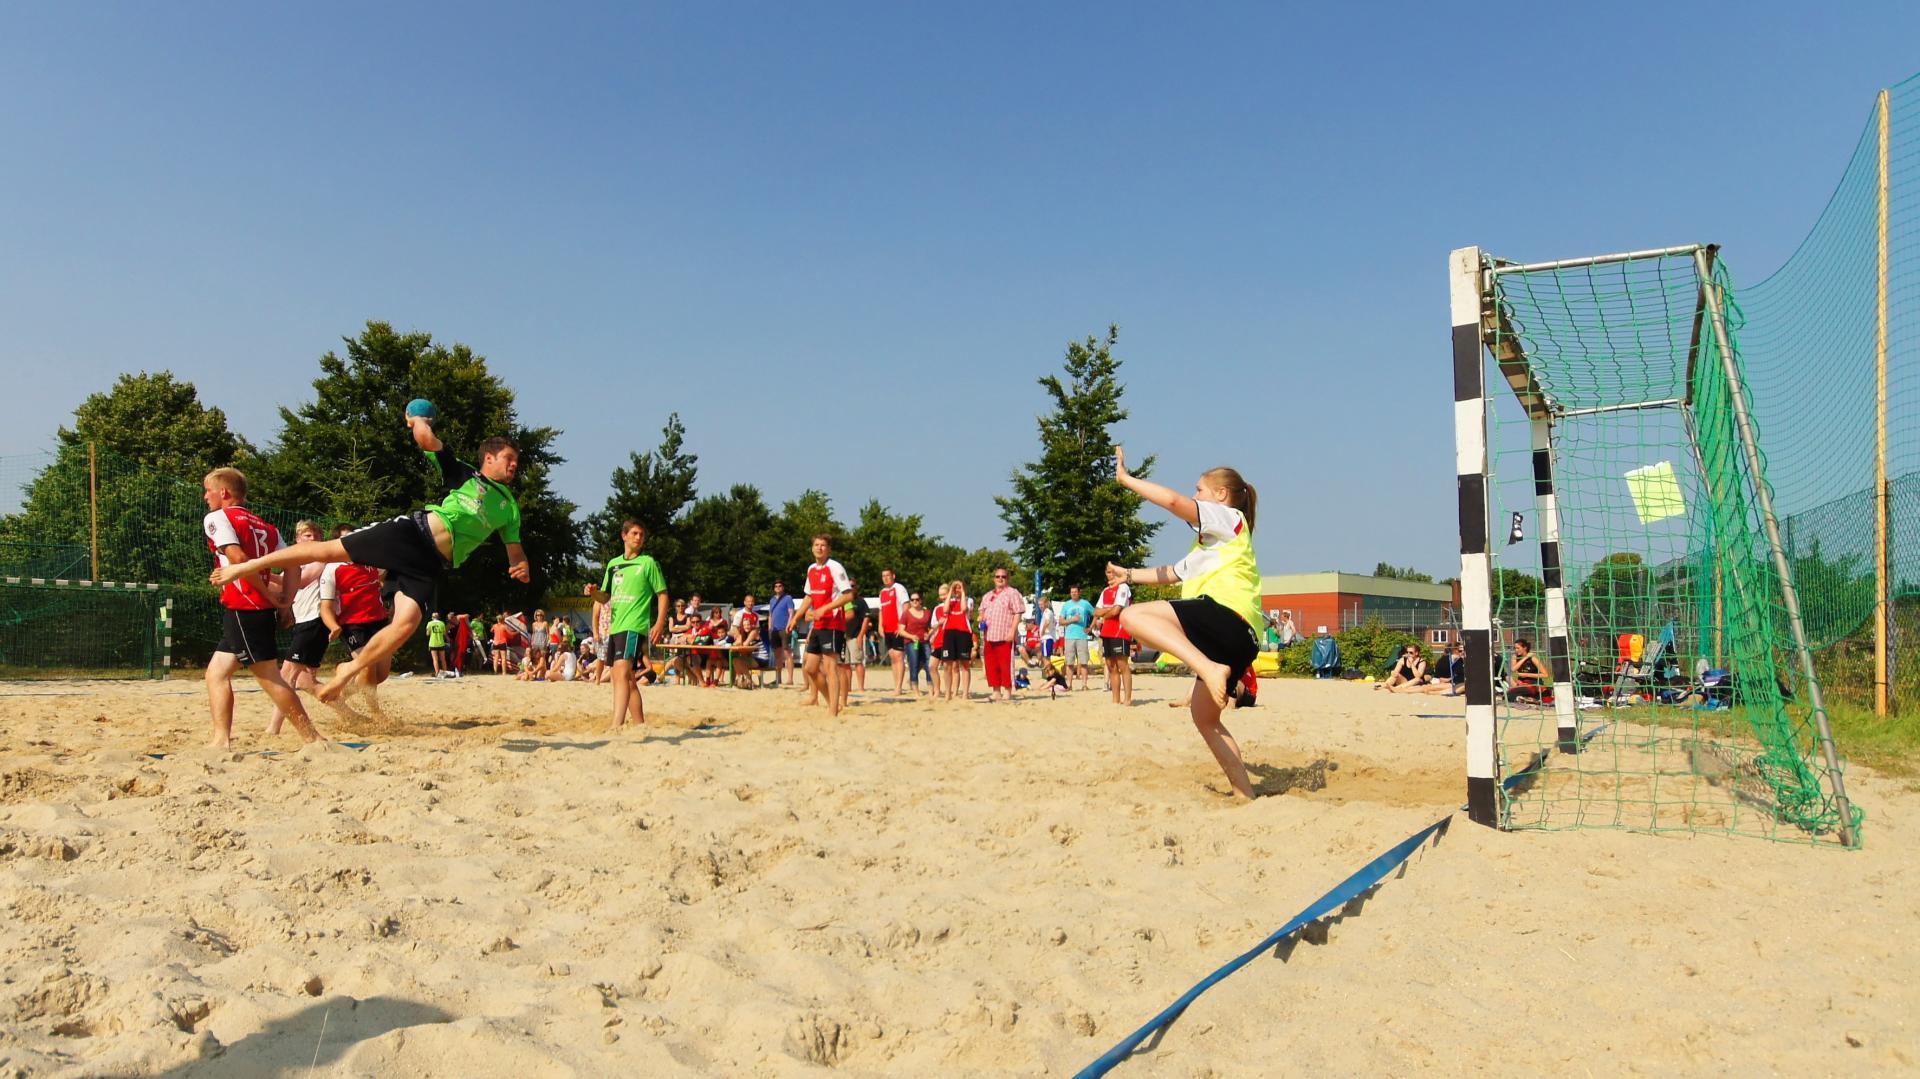 Sport in Wietzendorf